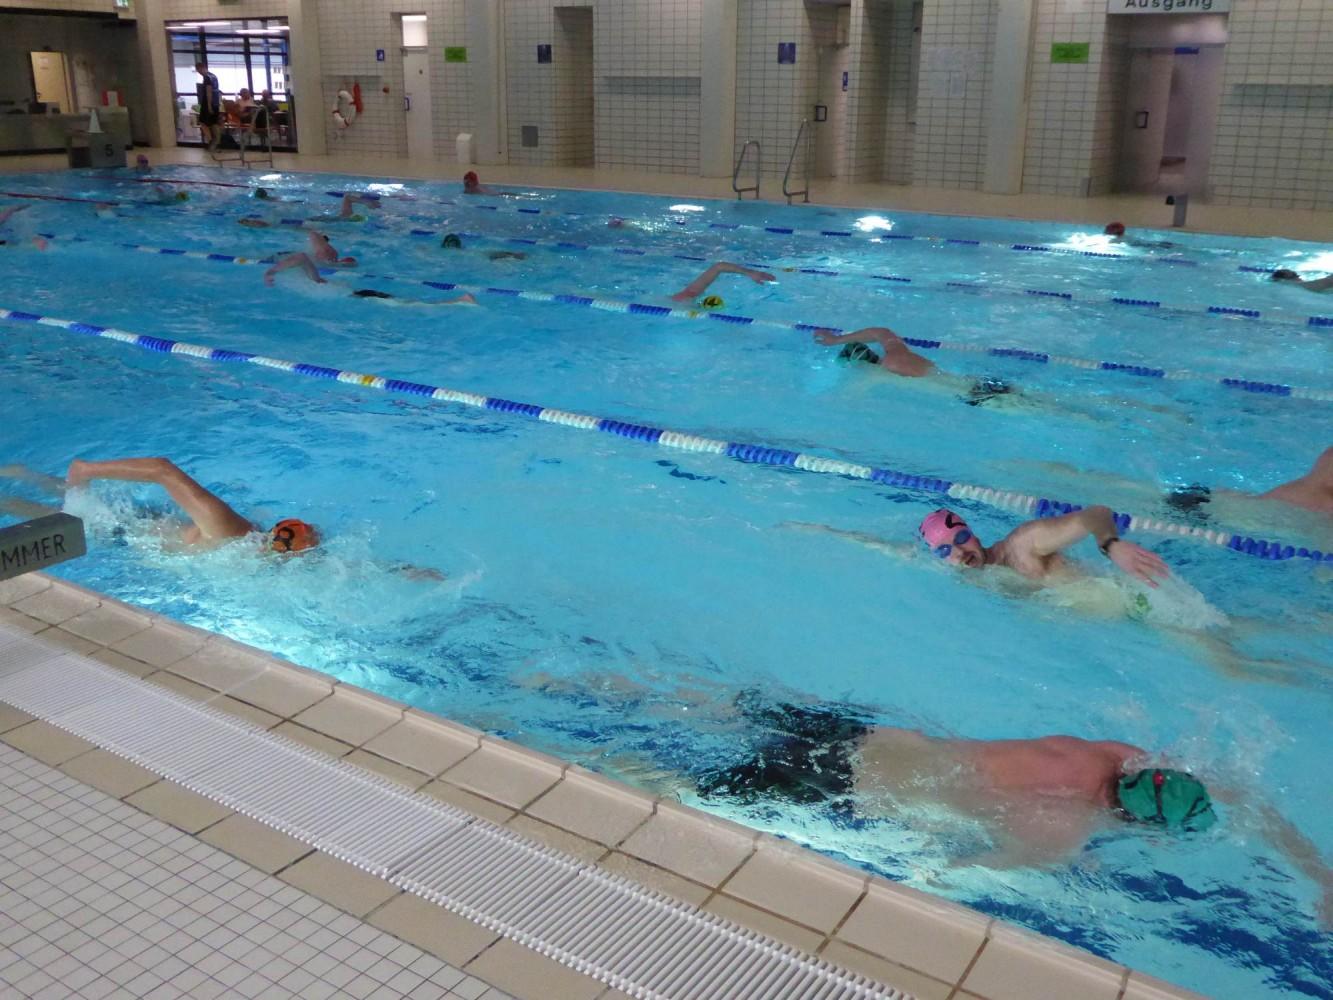 Steifen beim schwimmen